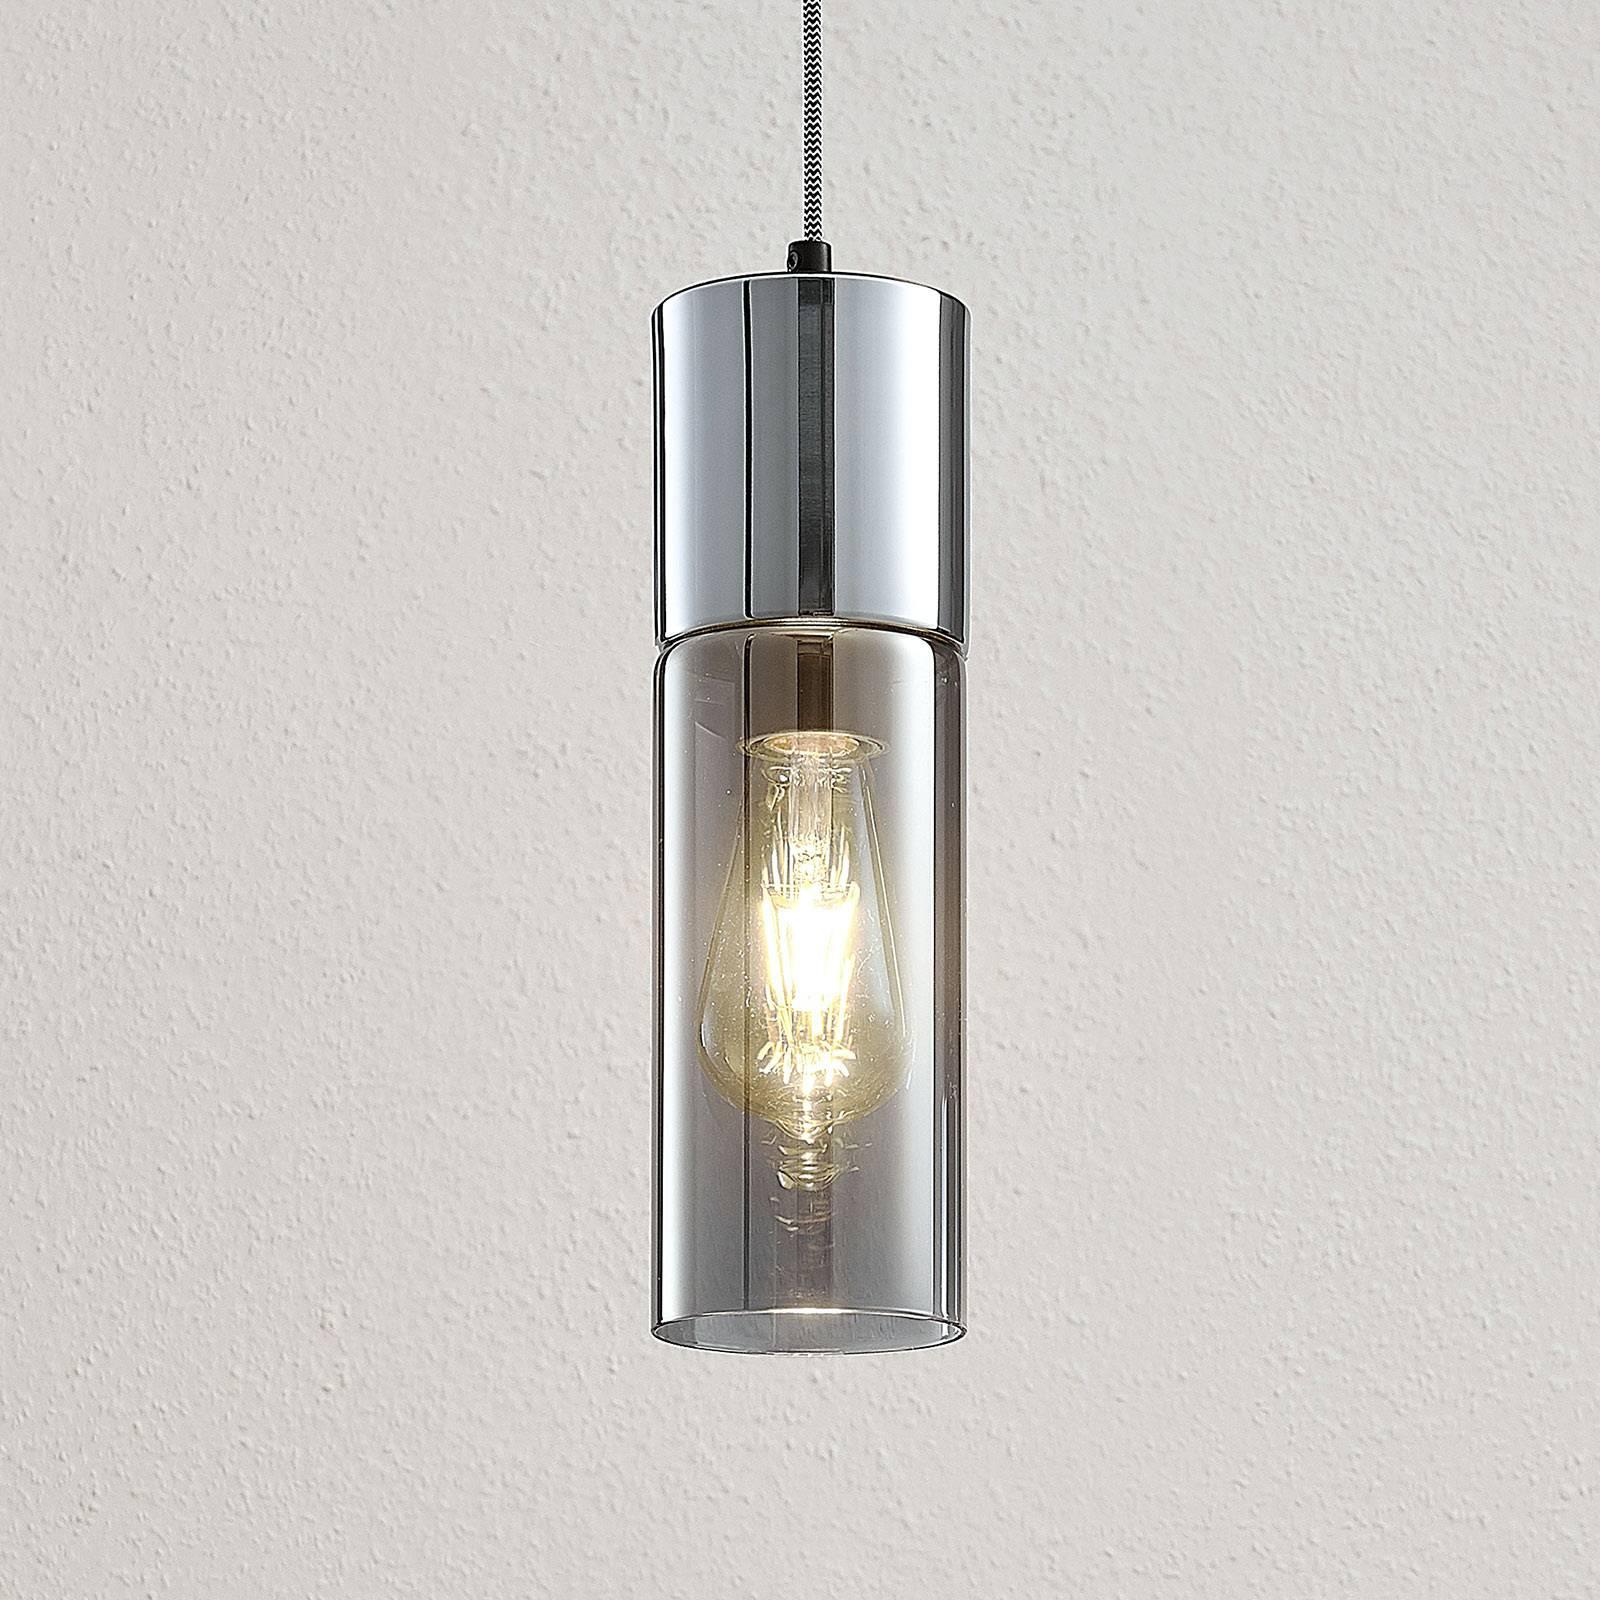 Hanglamp Eleen met cilinder in rookglas